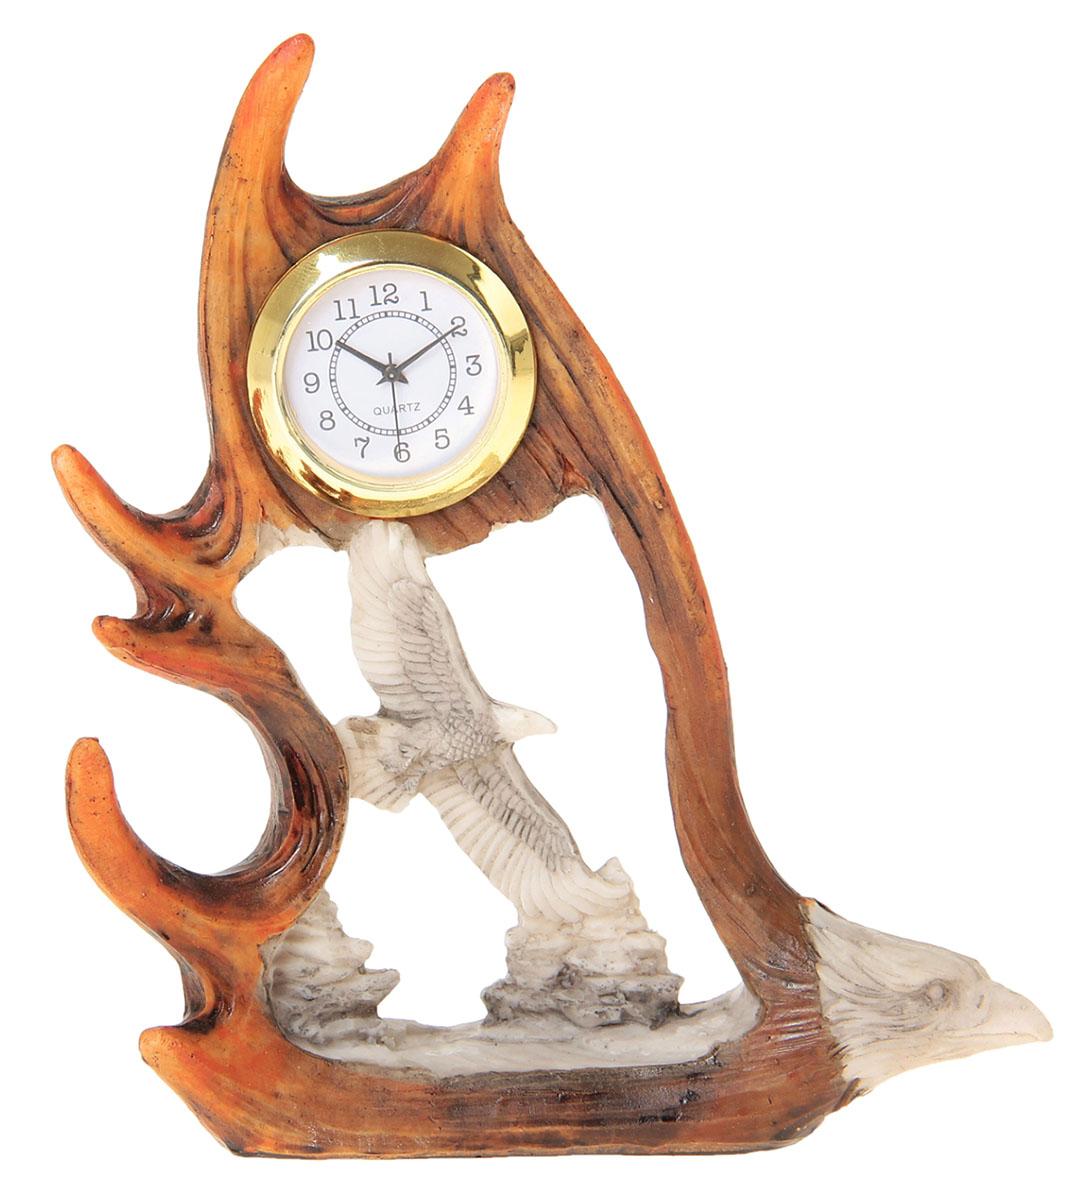 Часы настольные Орел в полете, 11 х 15 см. 872891872891Каждому хозяину периодически приходит мысль обновить свою квартиру, сделать ремонт, перестановку или кардинально поменять внешний вид каждой комнаты. Часы настольные Орёл в полёте — привлекательная деталь, которая поможет воплотить вашу интерьерную идею, создать неповторимую атмосферу в вашем доме. Окружите себя приятными мелочами, пусть они радуют глаз и дарят гармонию.